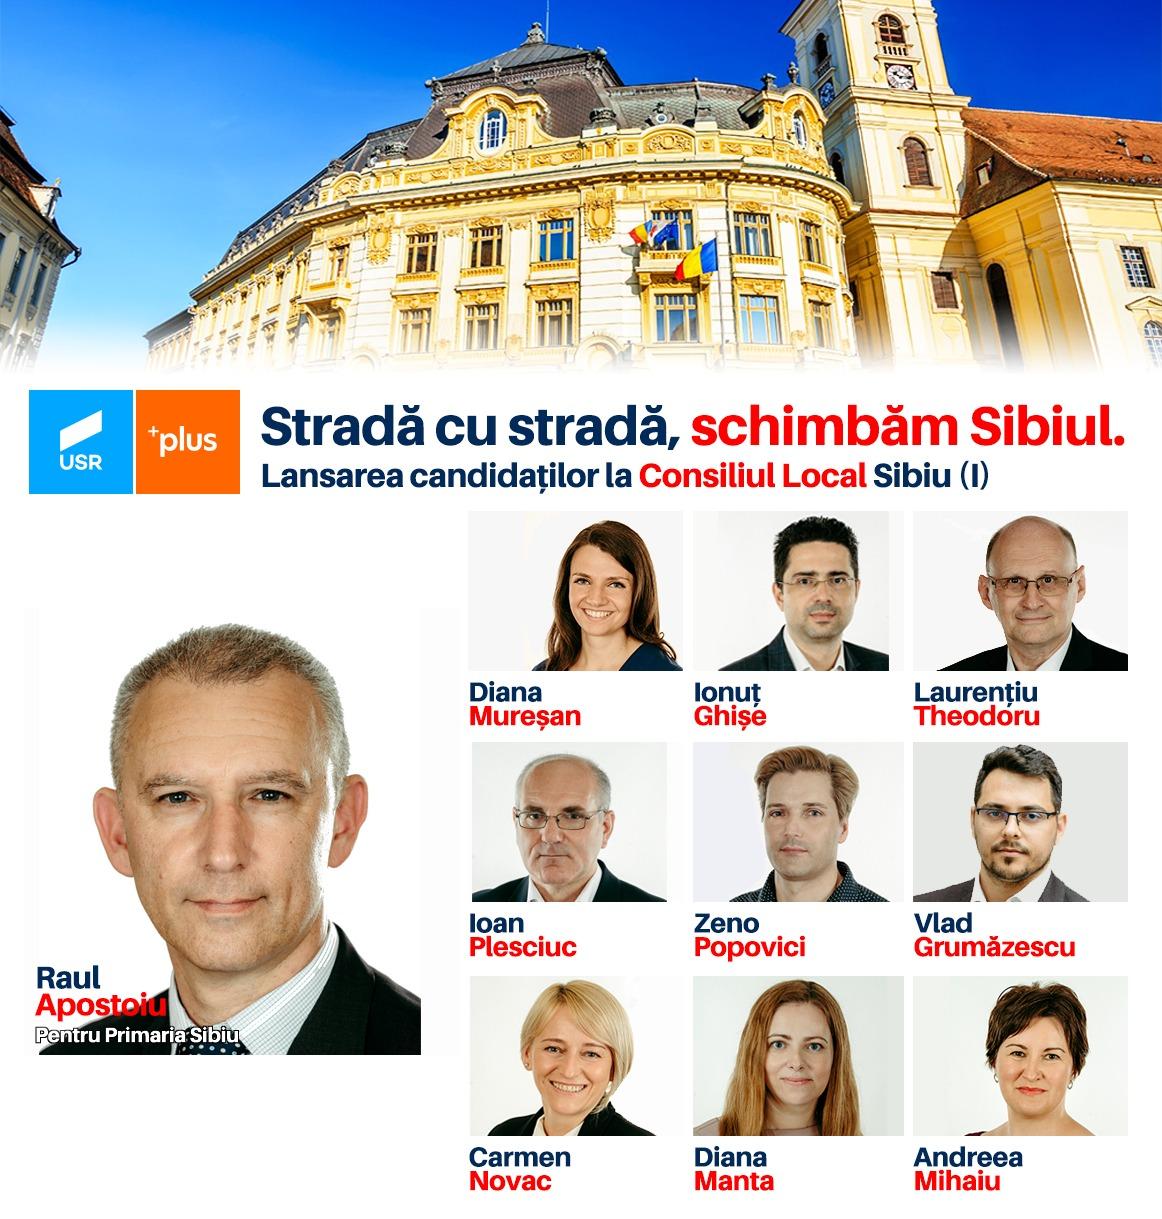 Raul Apostoiu pentru Primărie și echipa Alianței USR PLUS pentru Municipiul Sibiu (P)